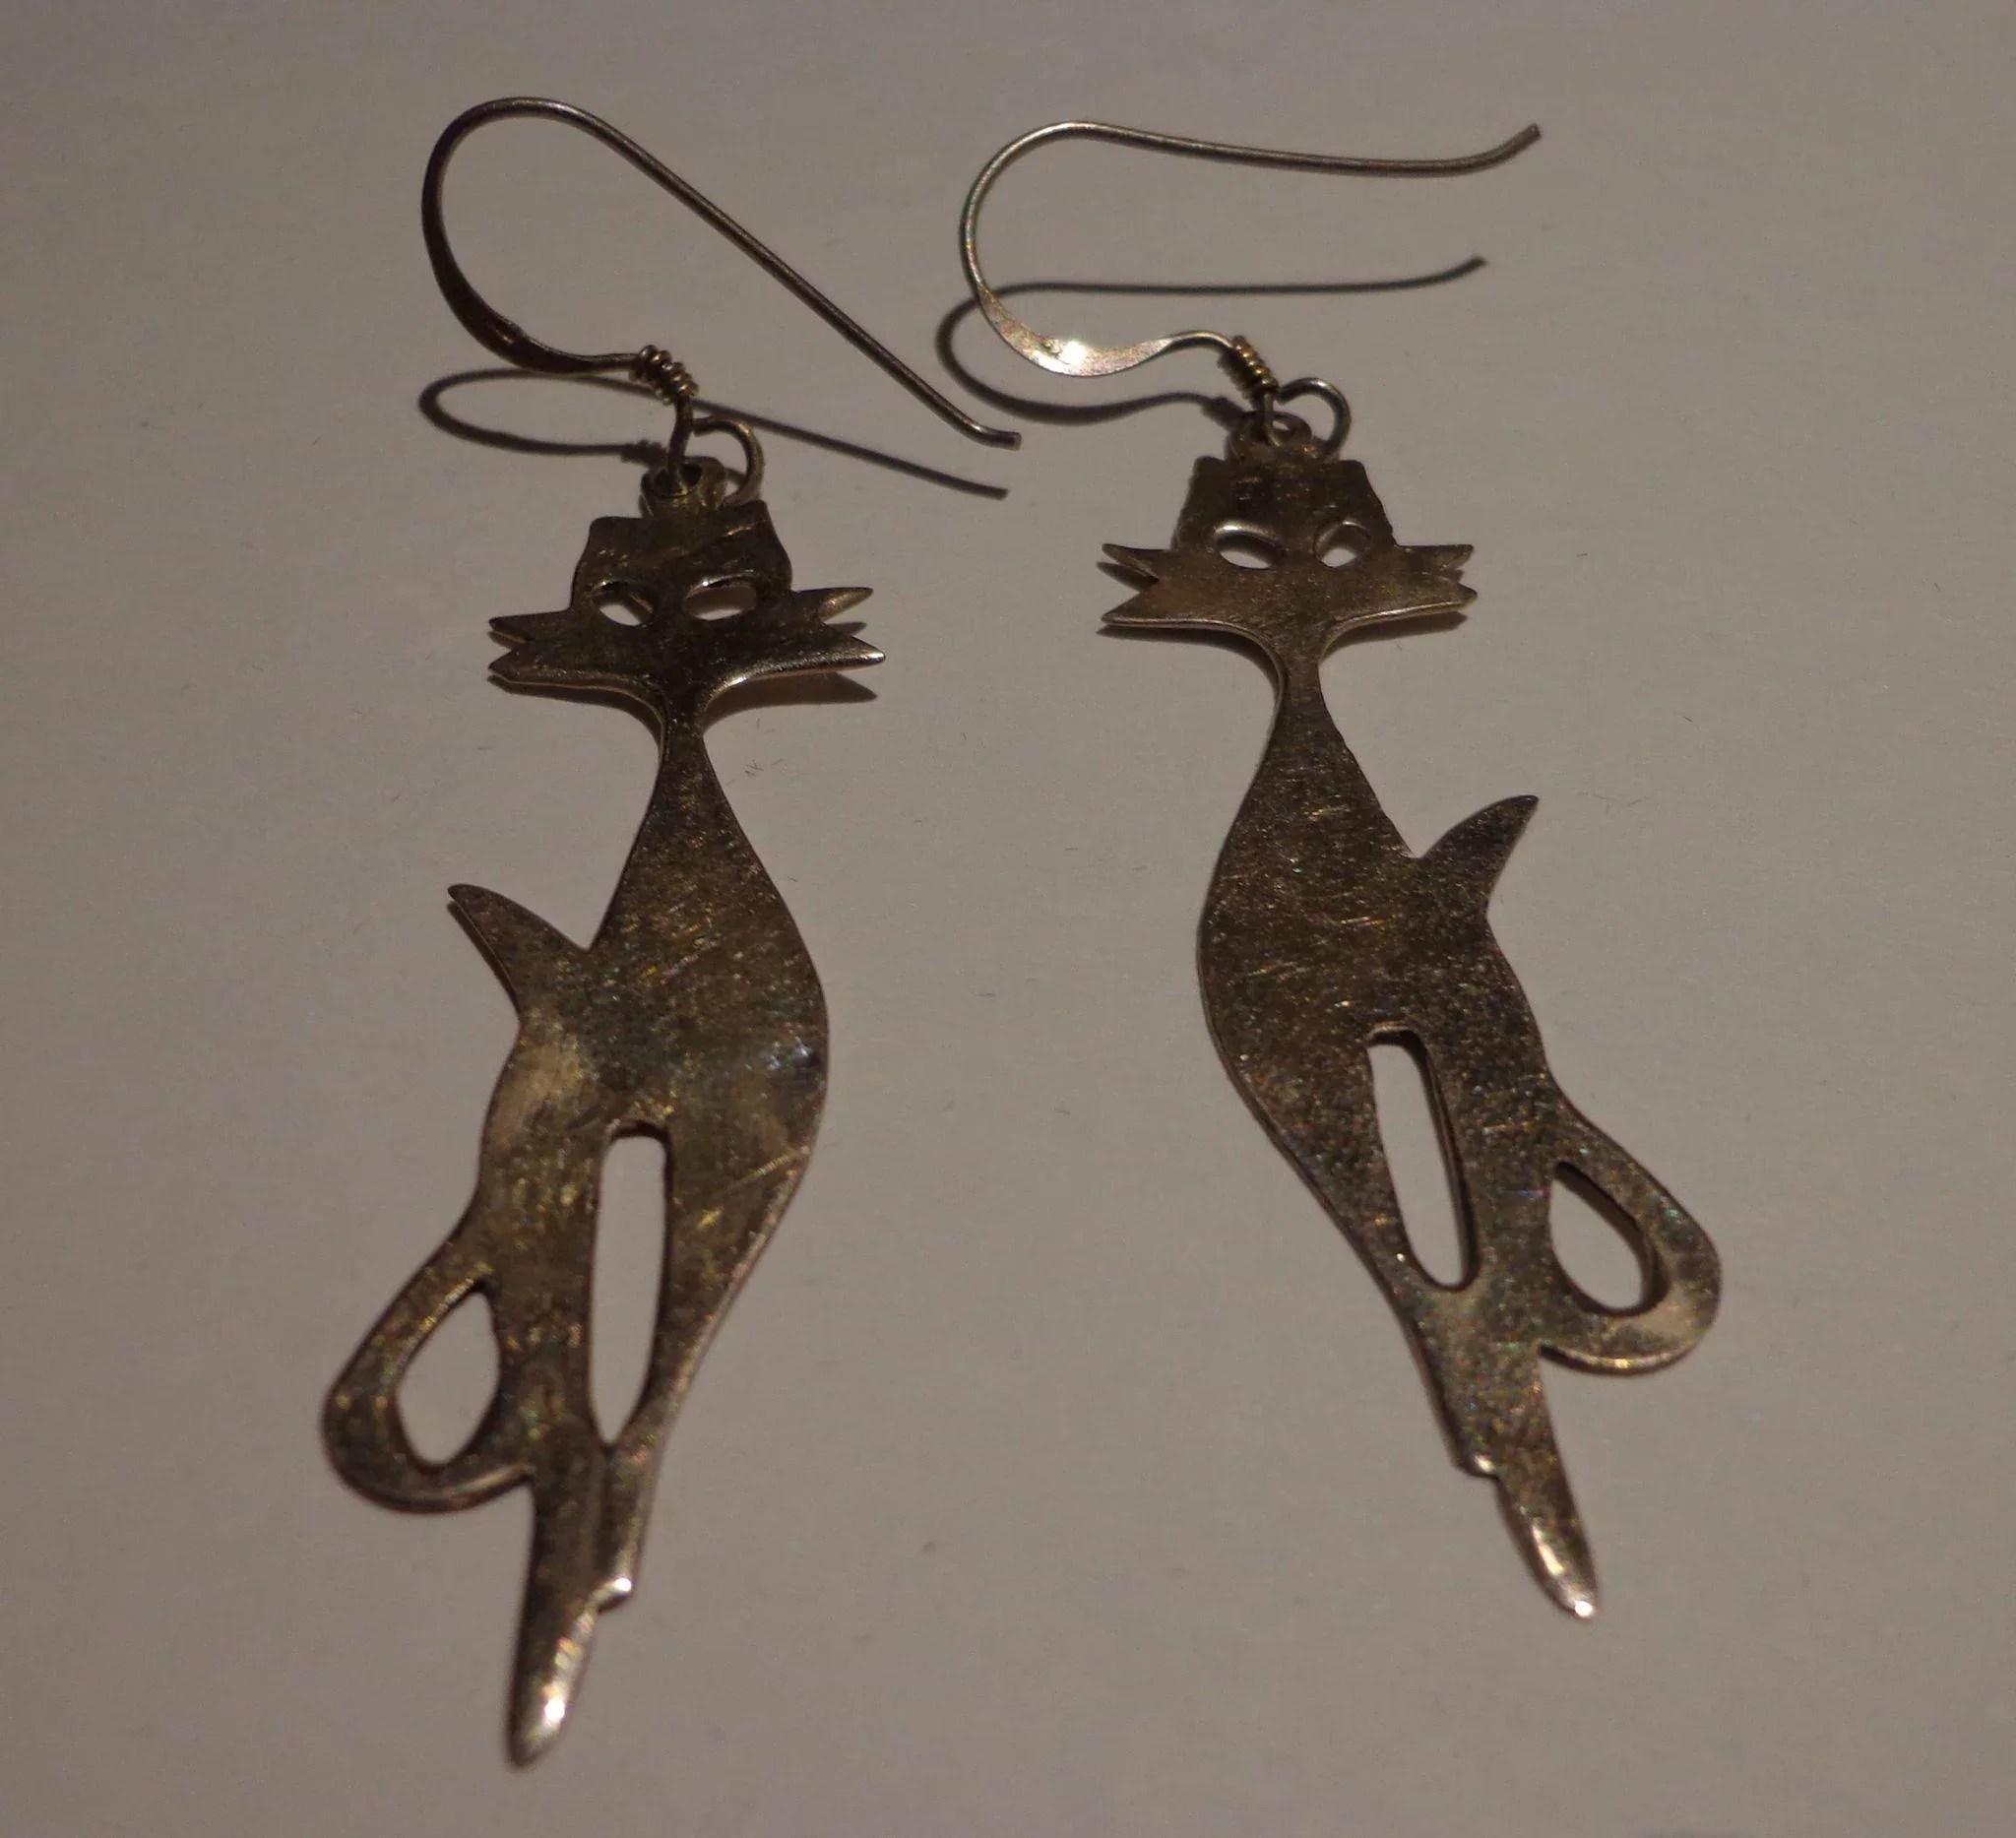 Vintage Cat Earrings 925 Sterling Silver Stylized Modern